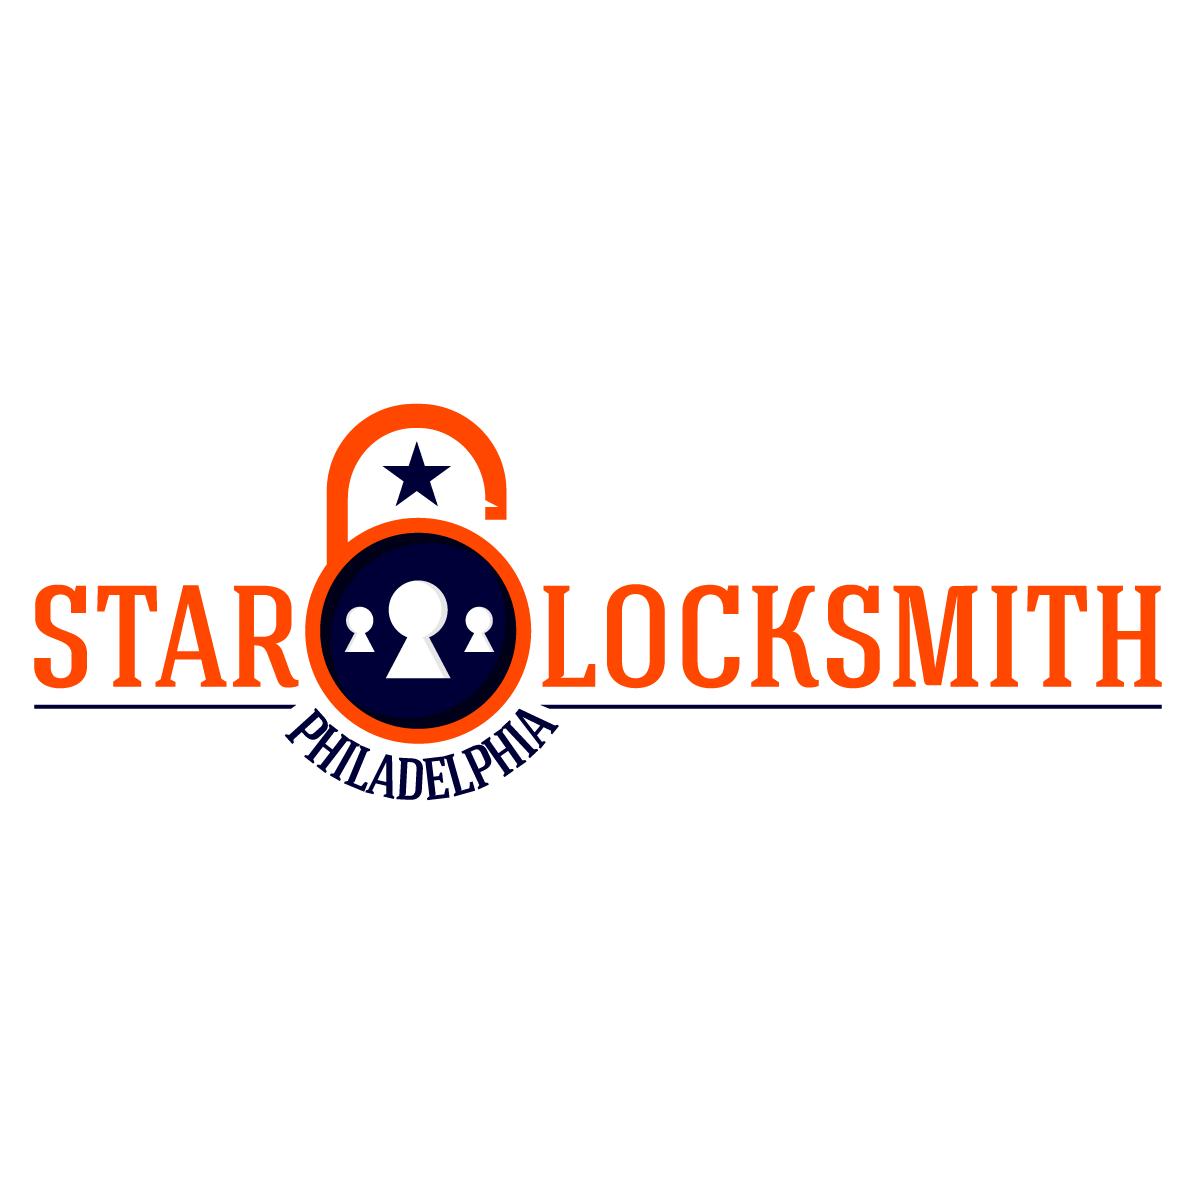 Star Locksmith Philadelphia